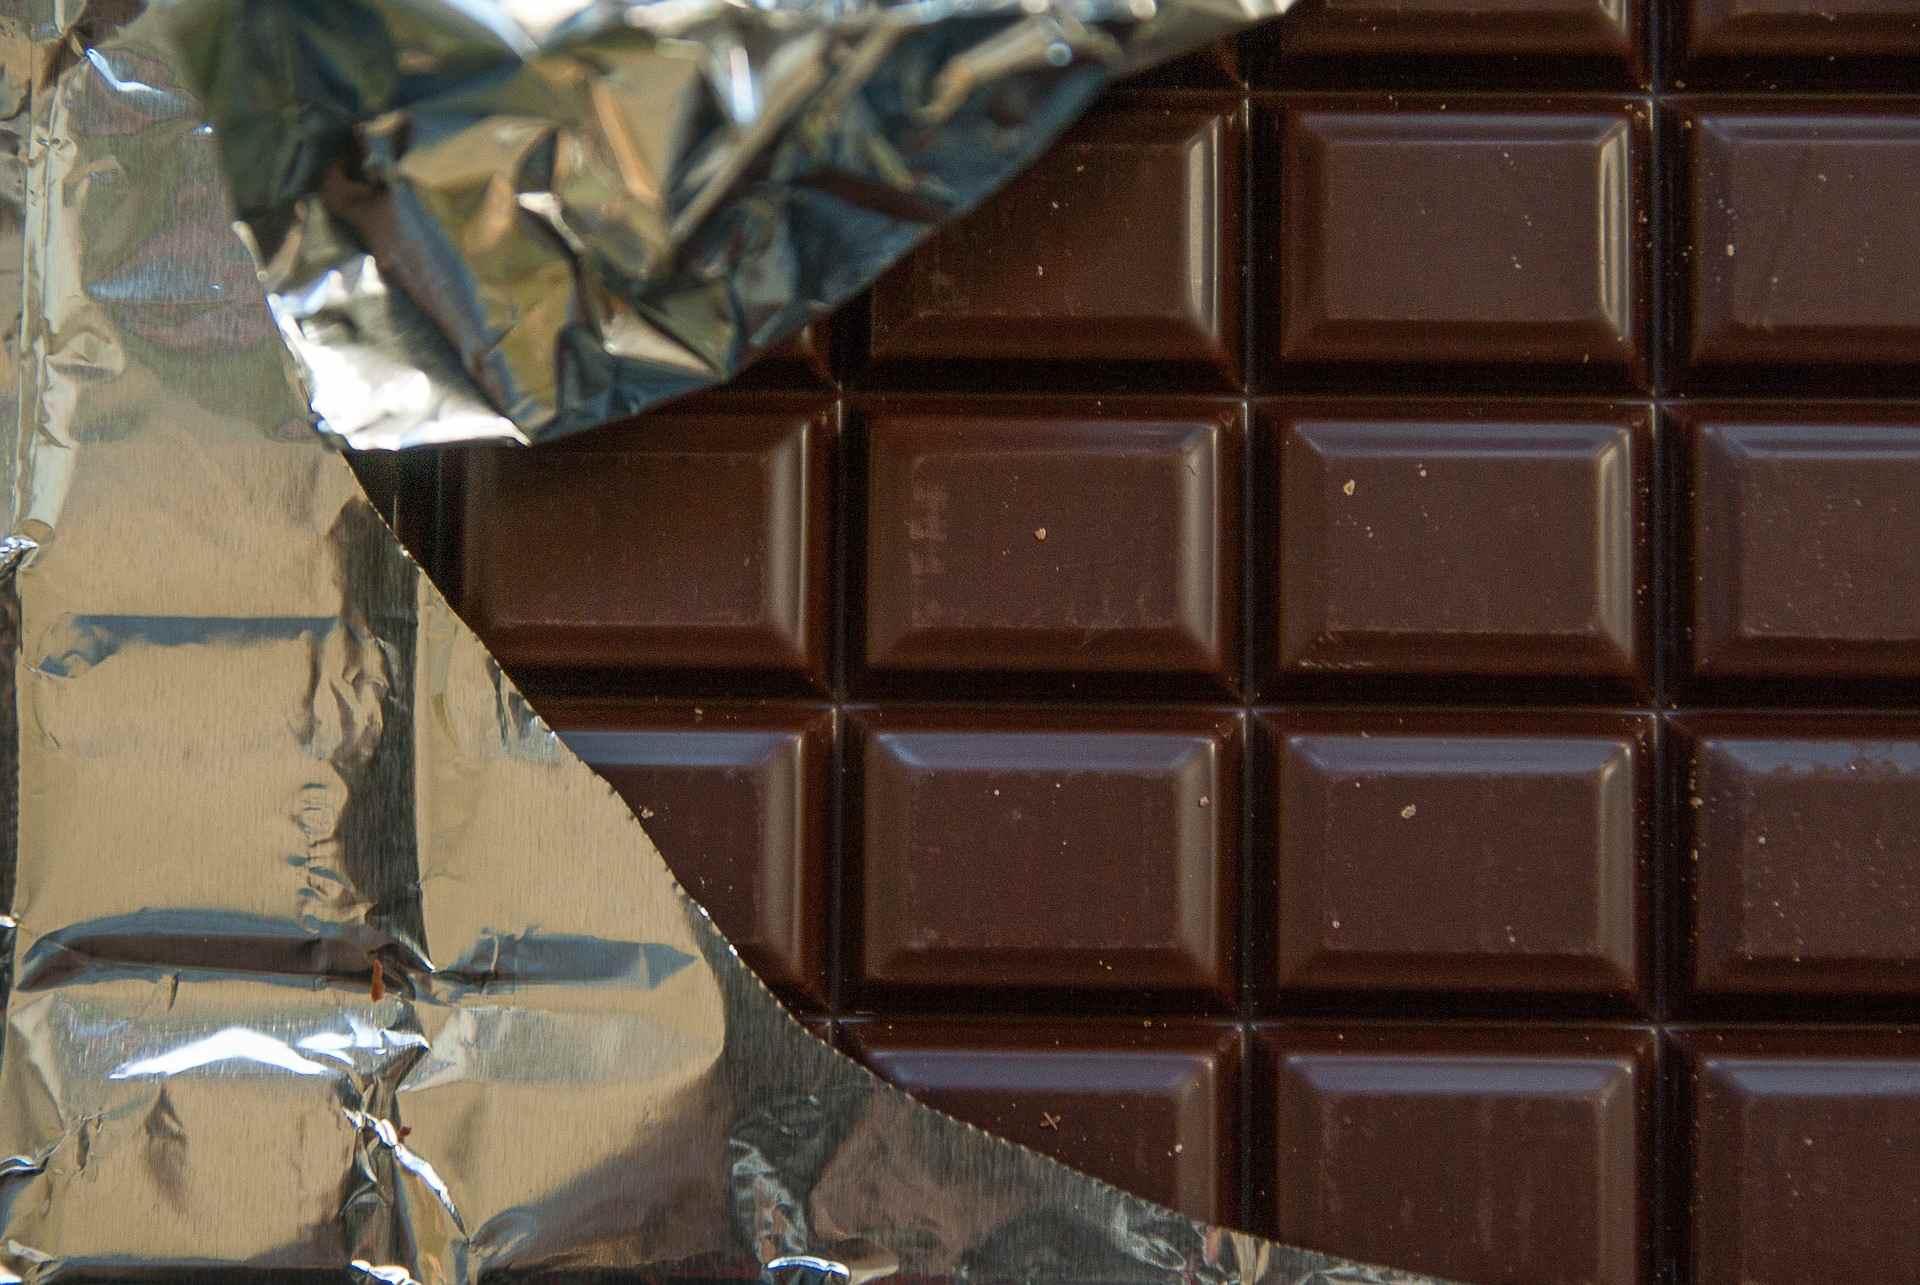 Шоколадная продукция в России подорожает на 25%